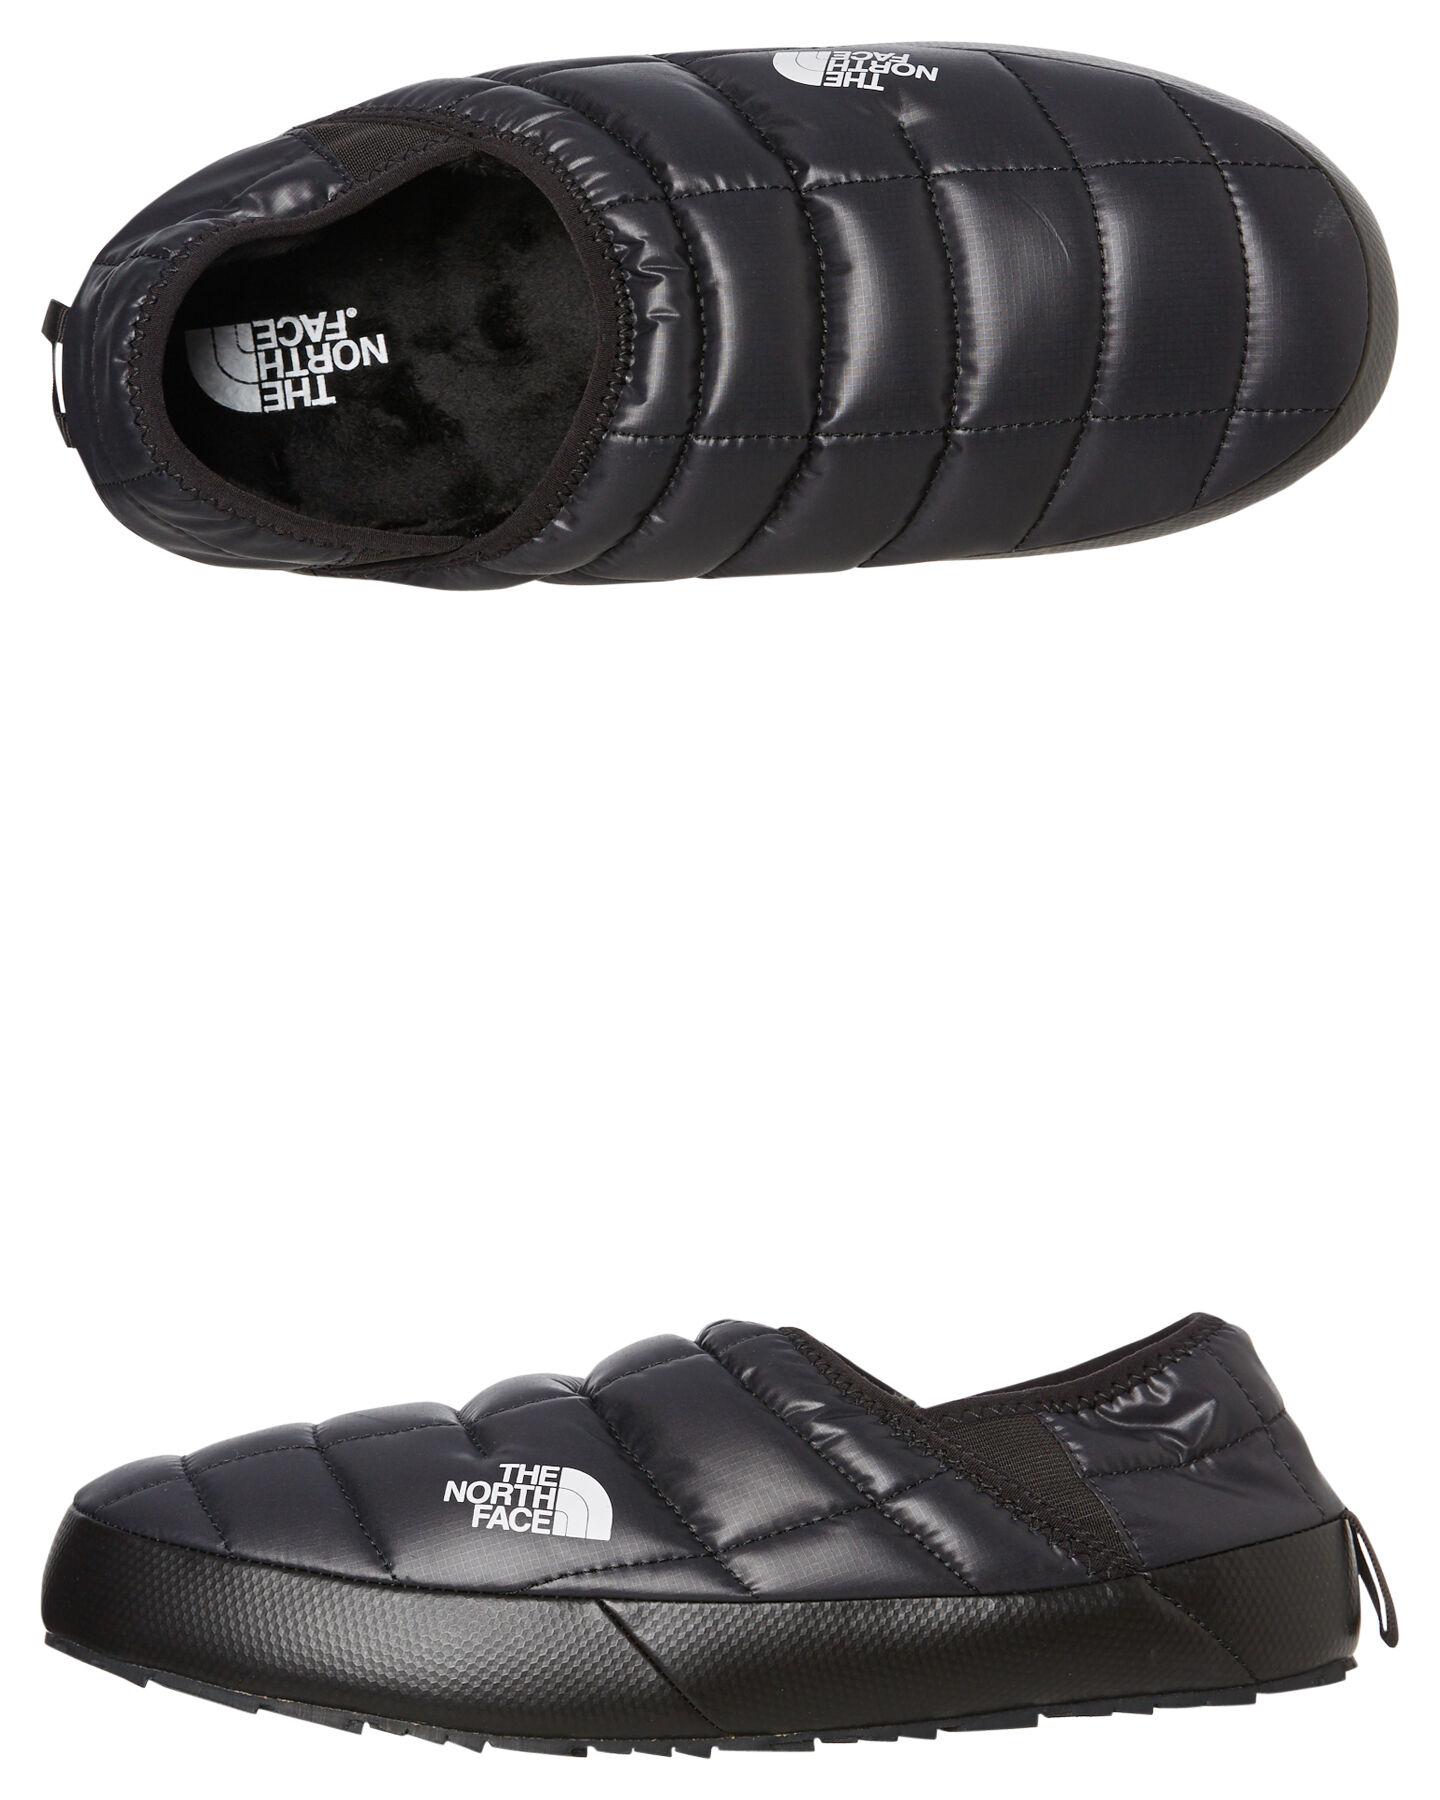 Buy Men's Clothing, Footwear